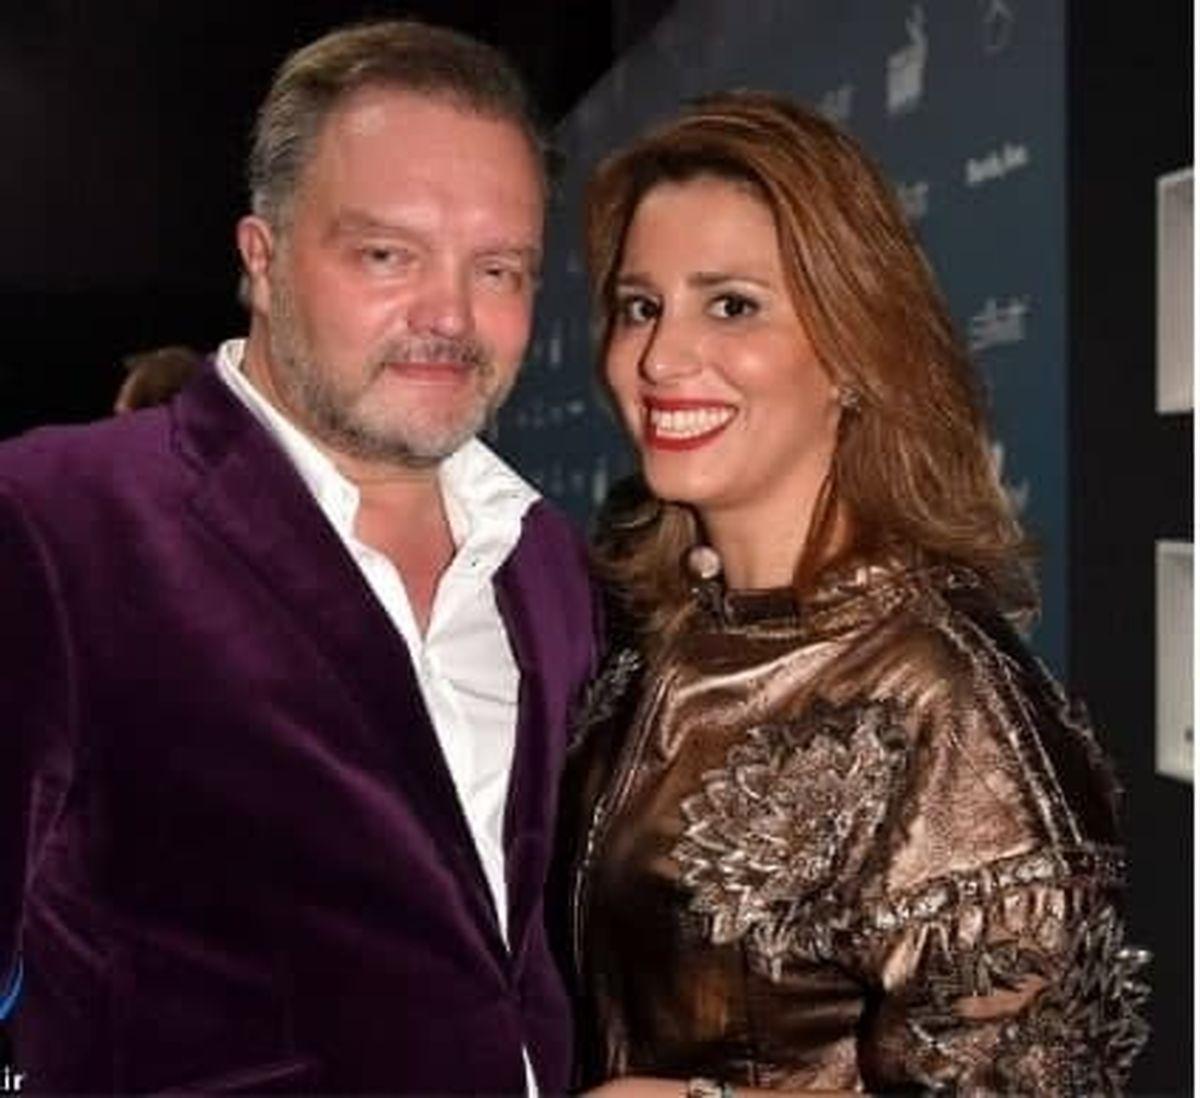 ازدواج شاهزاده آلمانی با پیانیست ایرانی